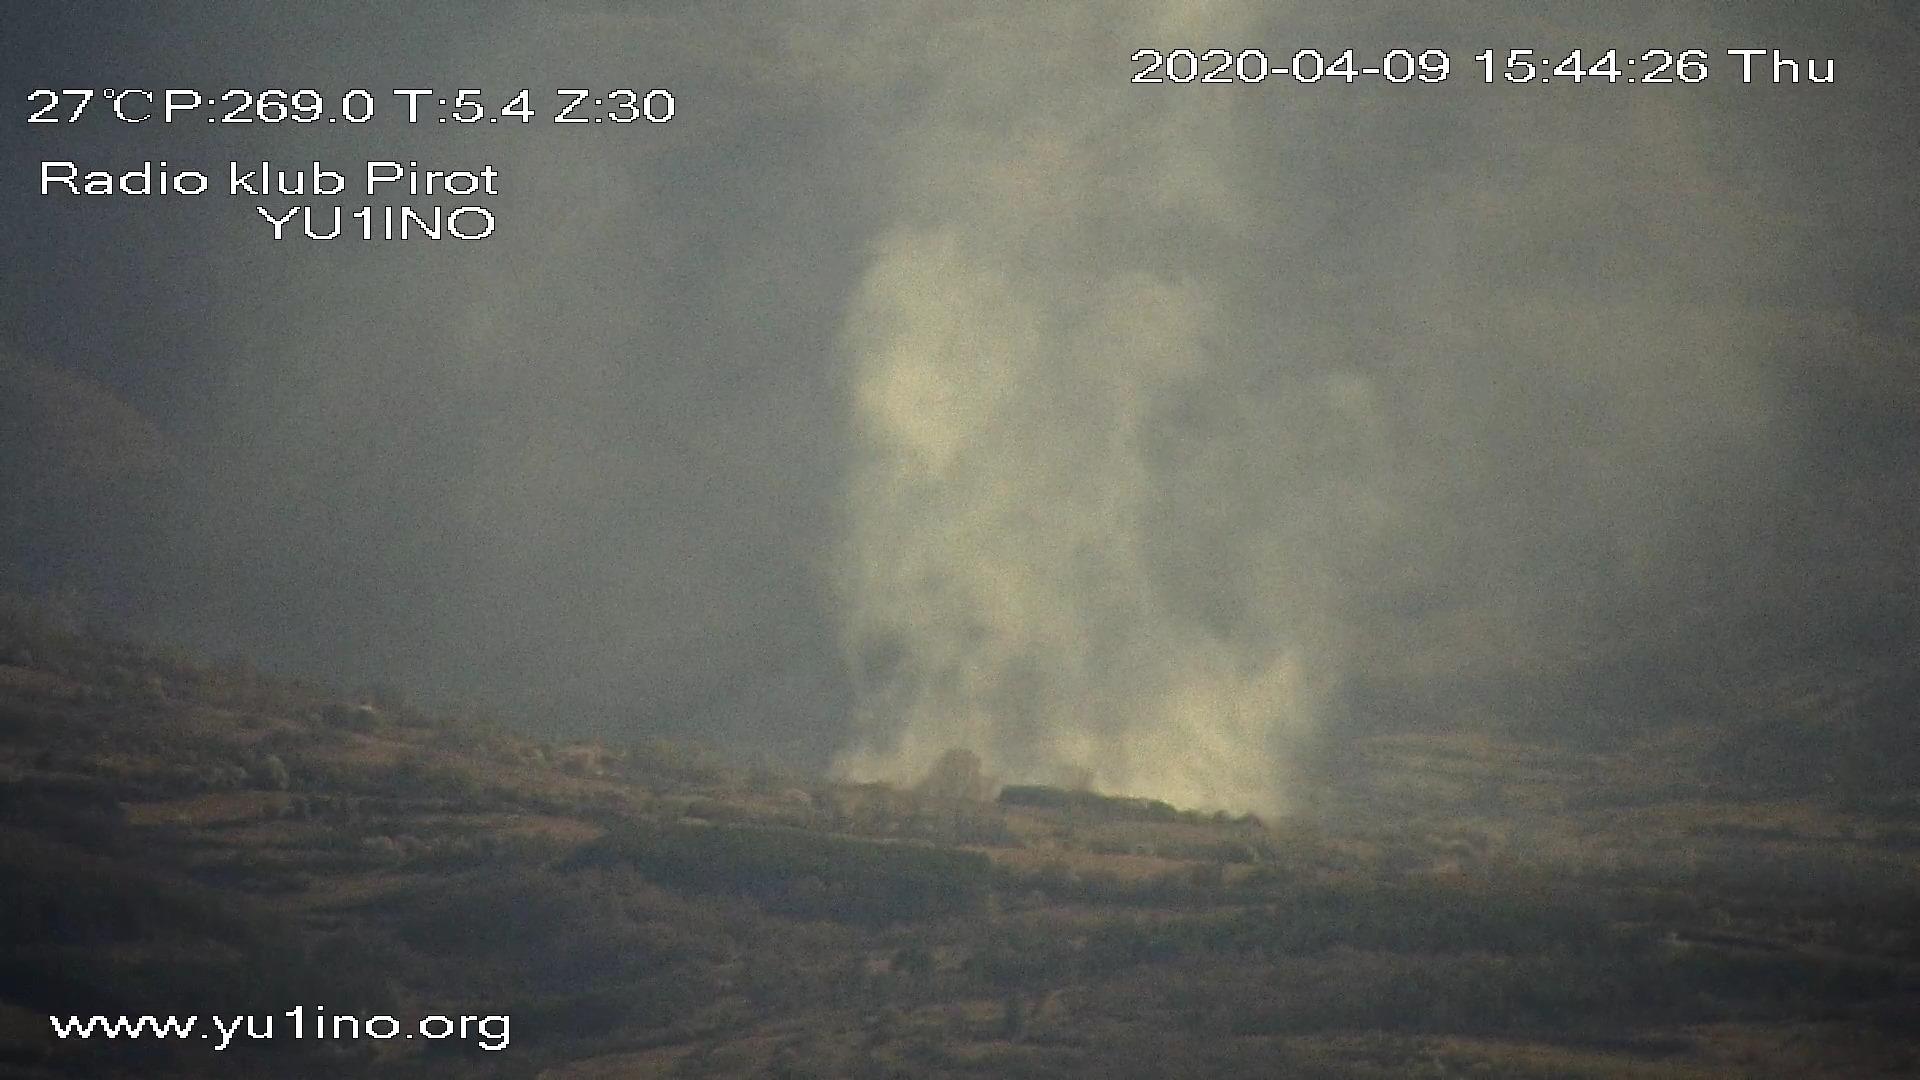 Photo of Piromani ne miruju. Kamere Radio kluba Pirot svakodnevno detektuju požare u pirotskom polju